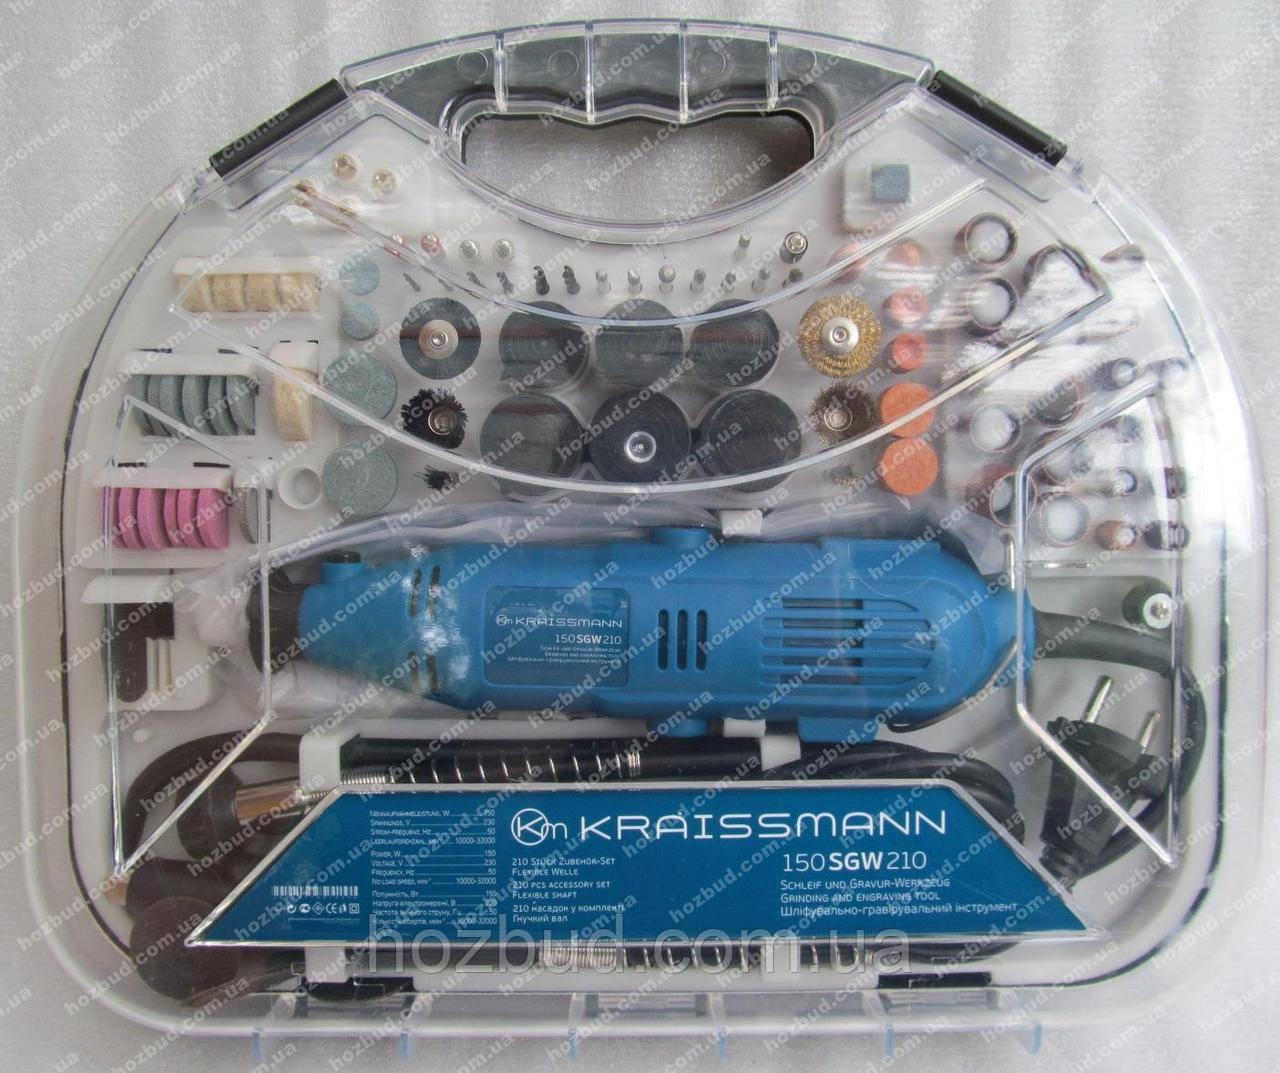 Гравер Kraissmann 150SGW210 (кейс)